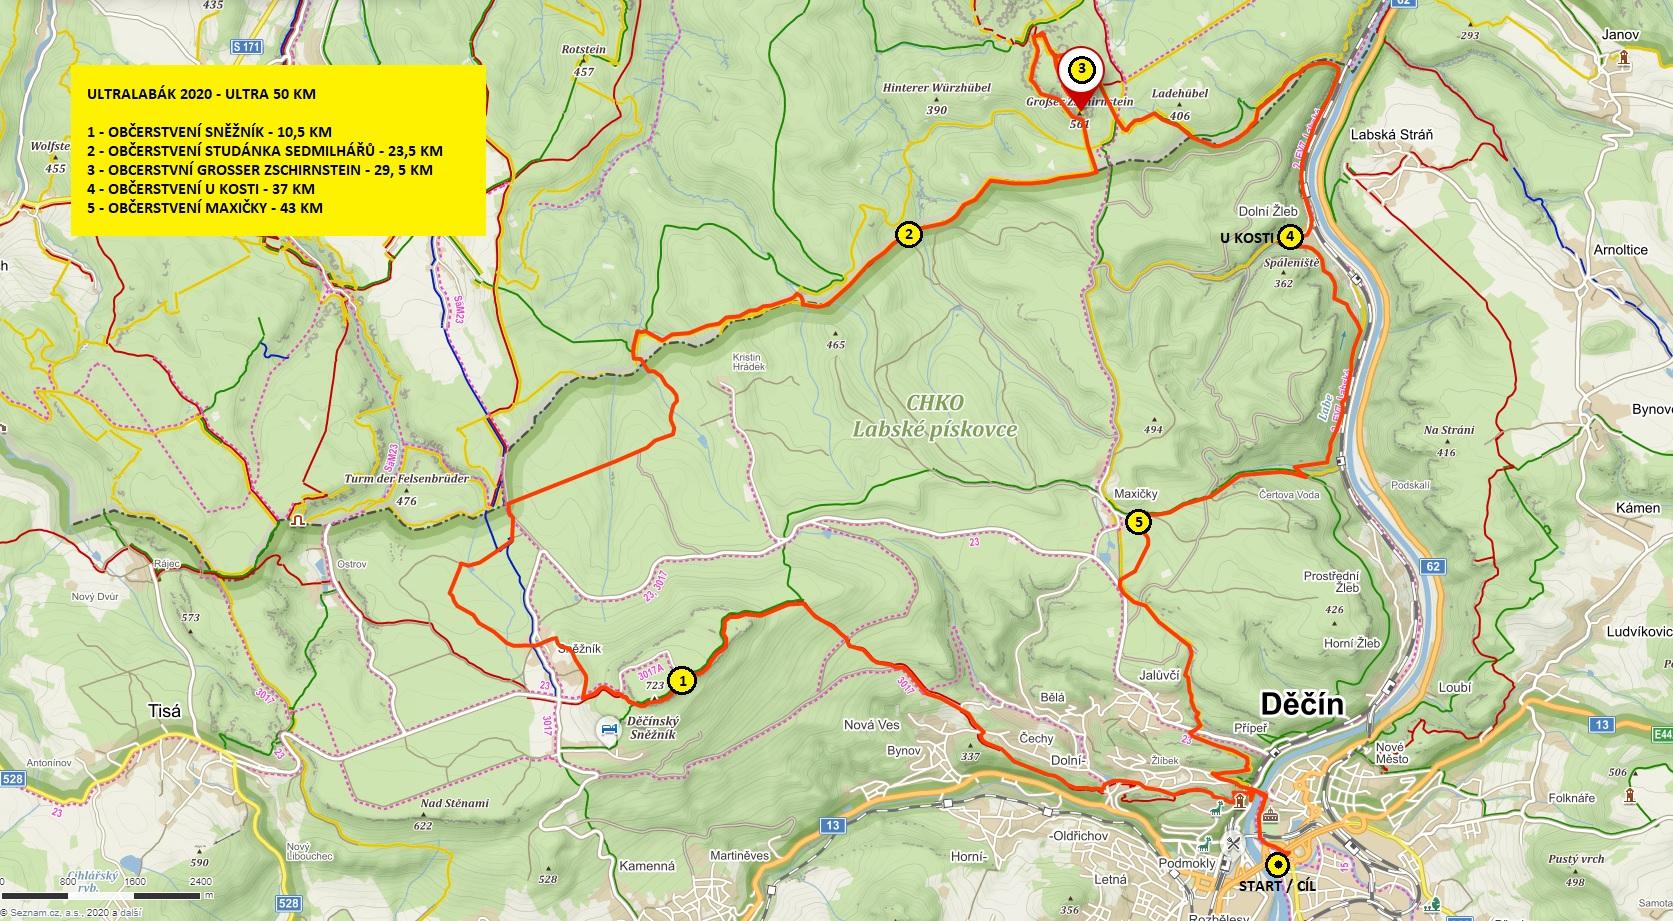 Průběh trasy Ultra 50 Km